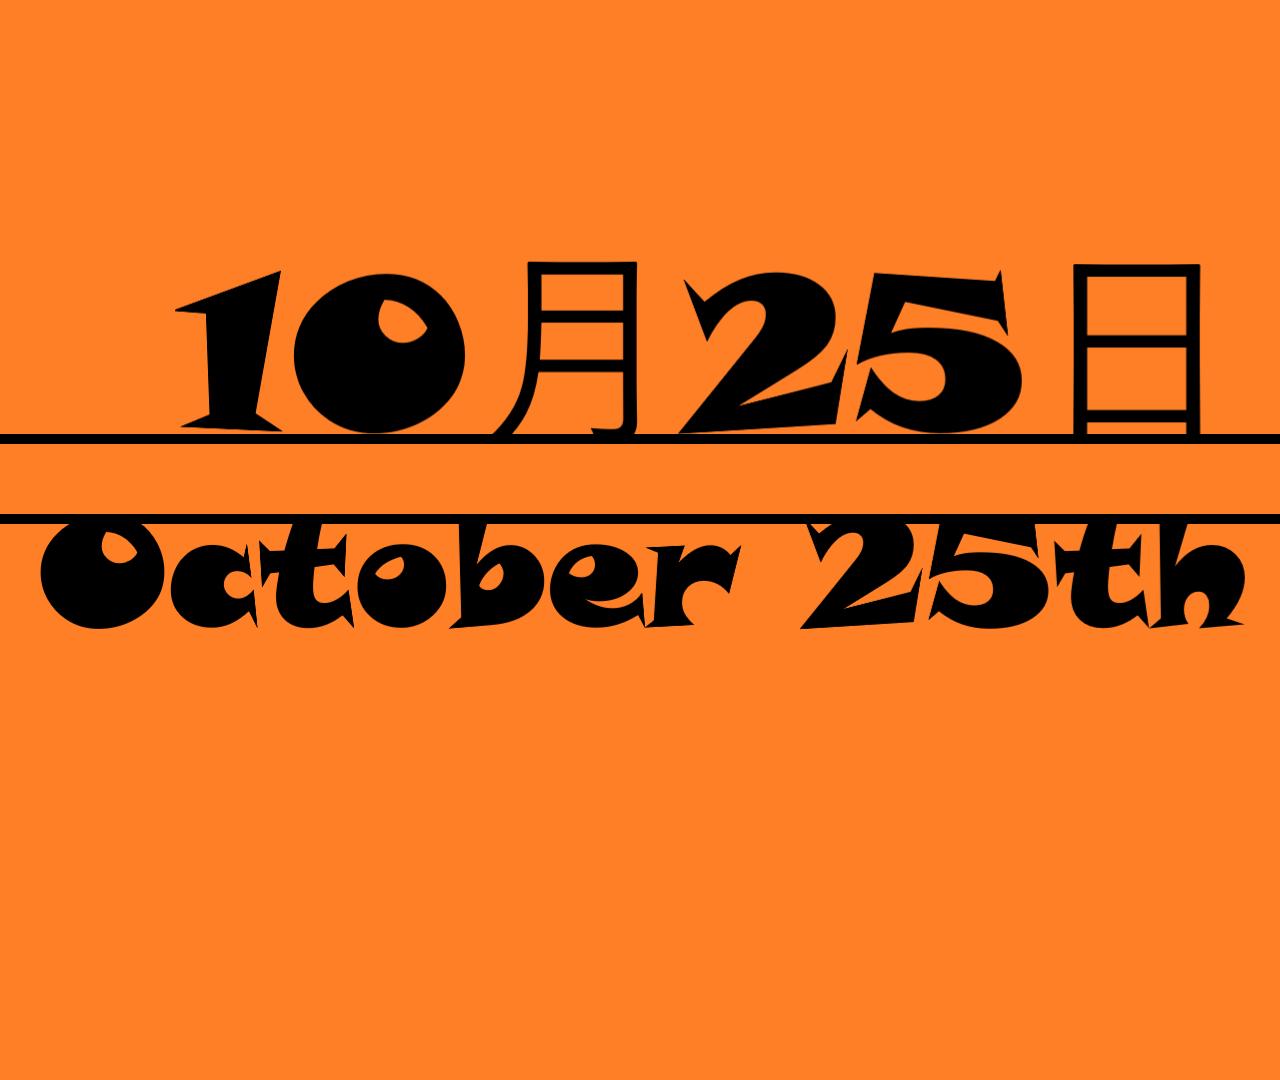 10月25日・October 25thの文字イラスト